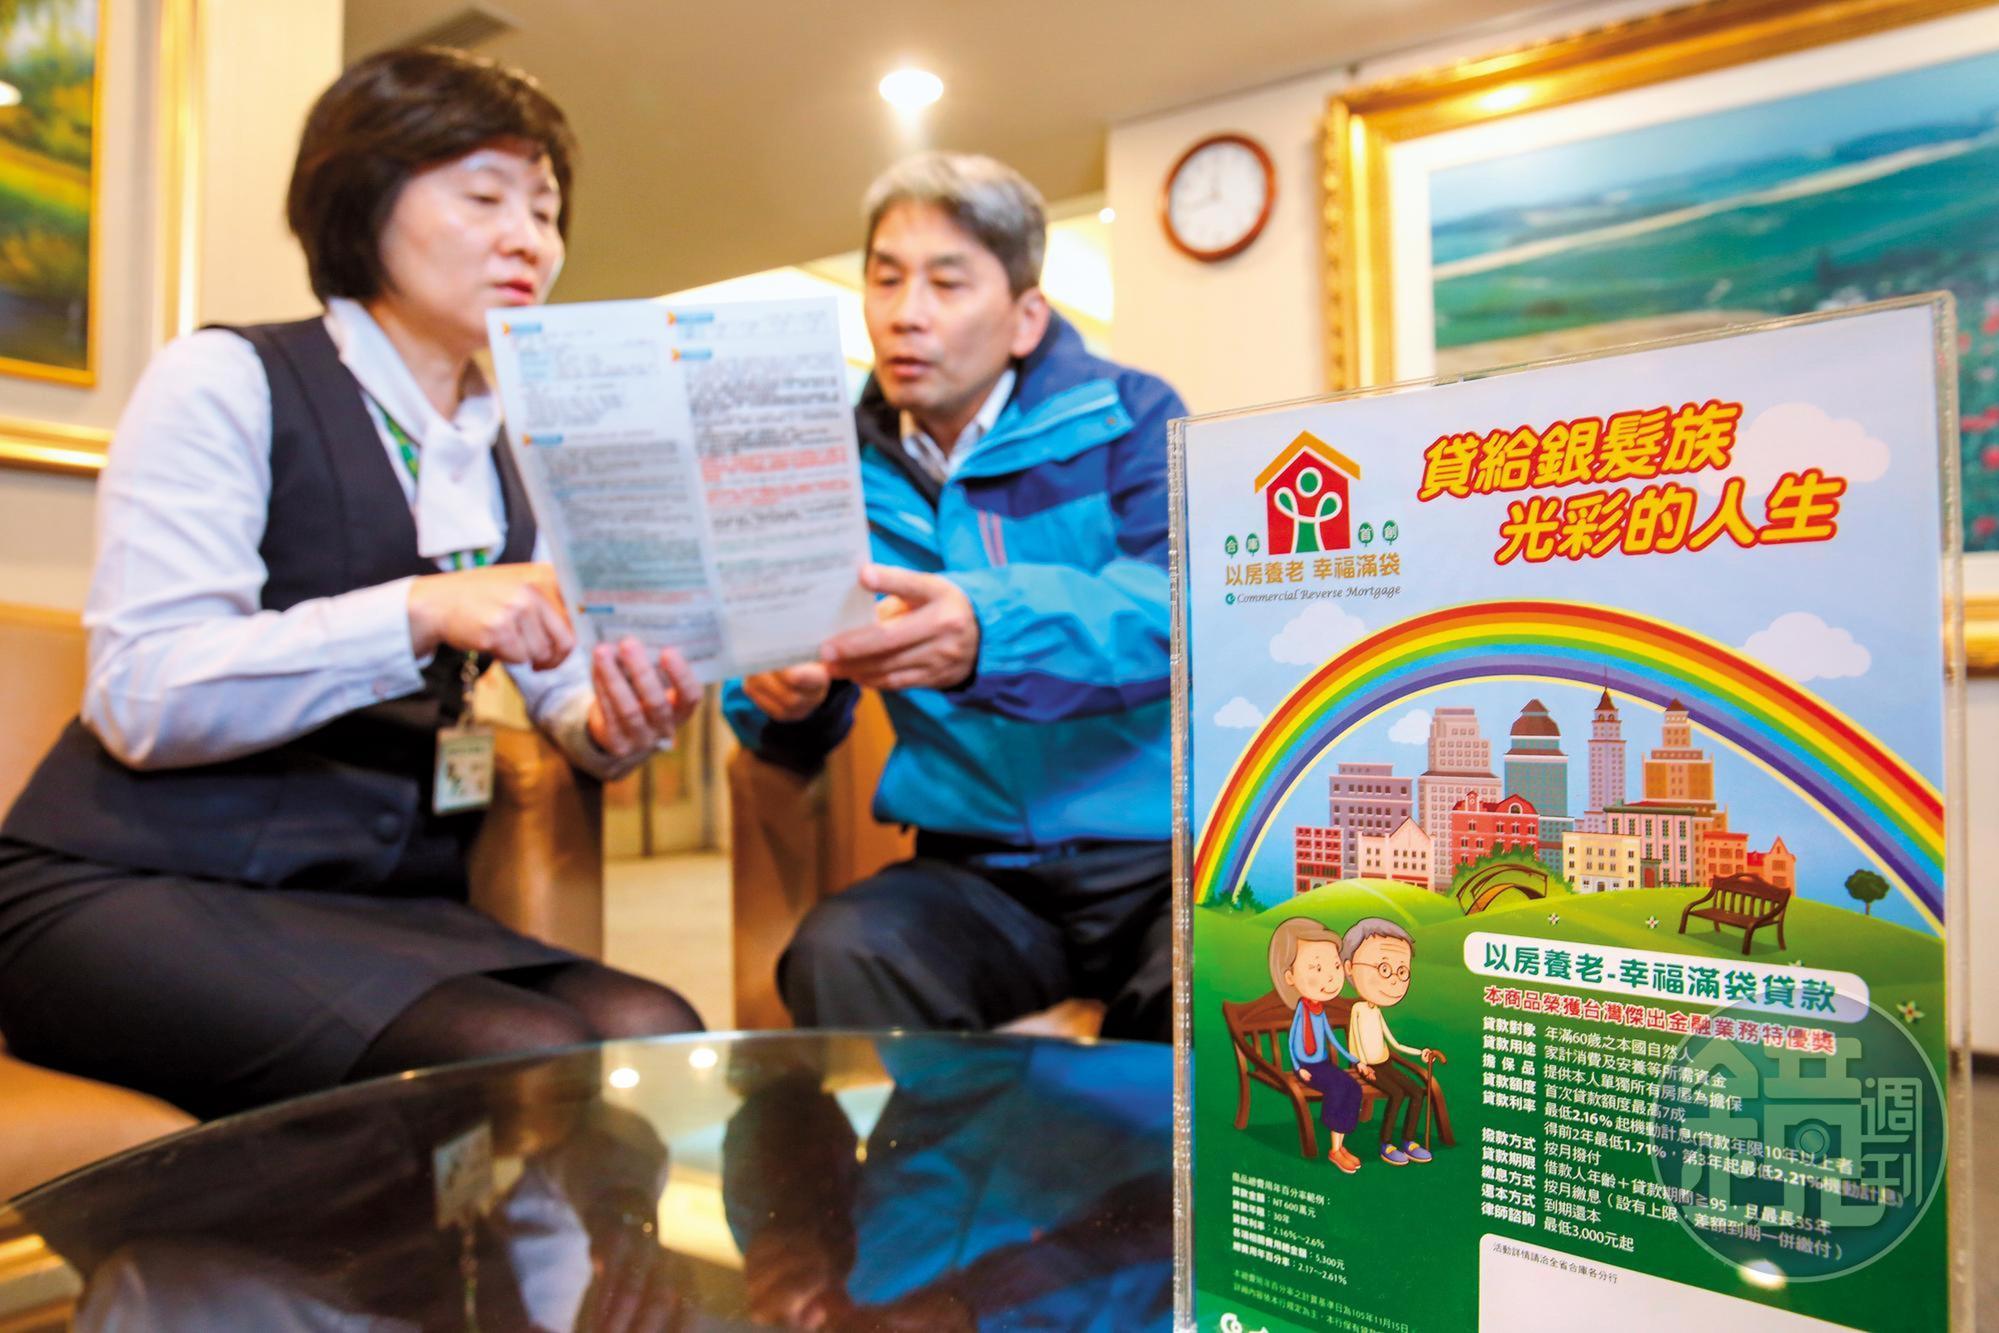 銀髮族若手上現金不多,但有一間房子,可以考慮至銀行詢問以房養老申請條件。